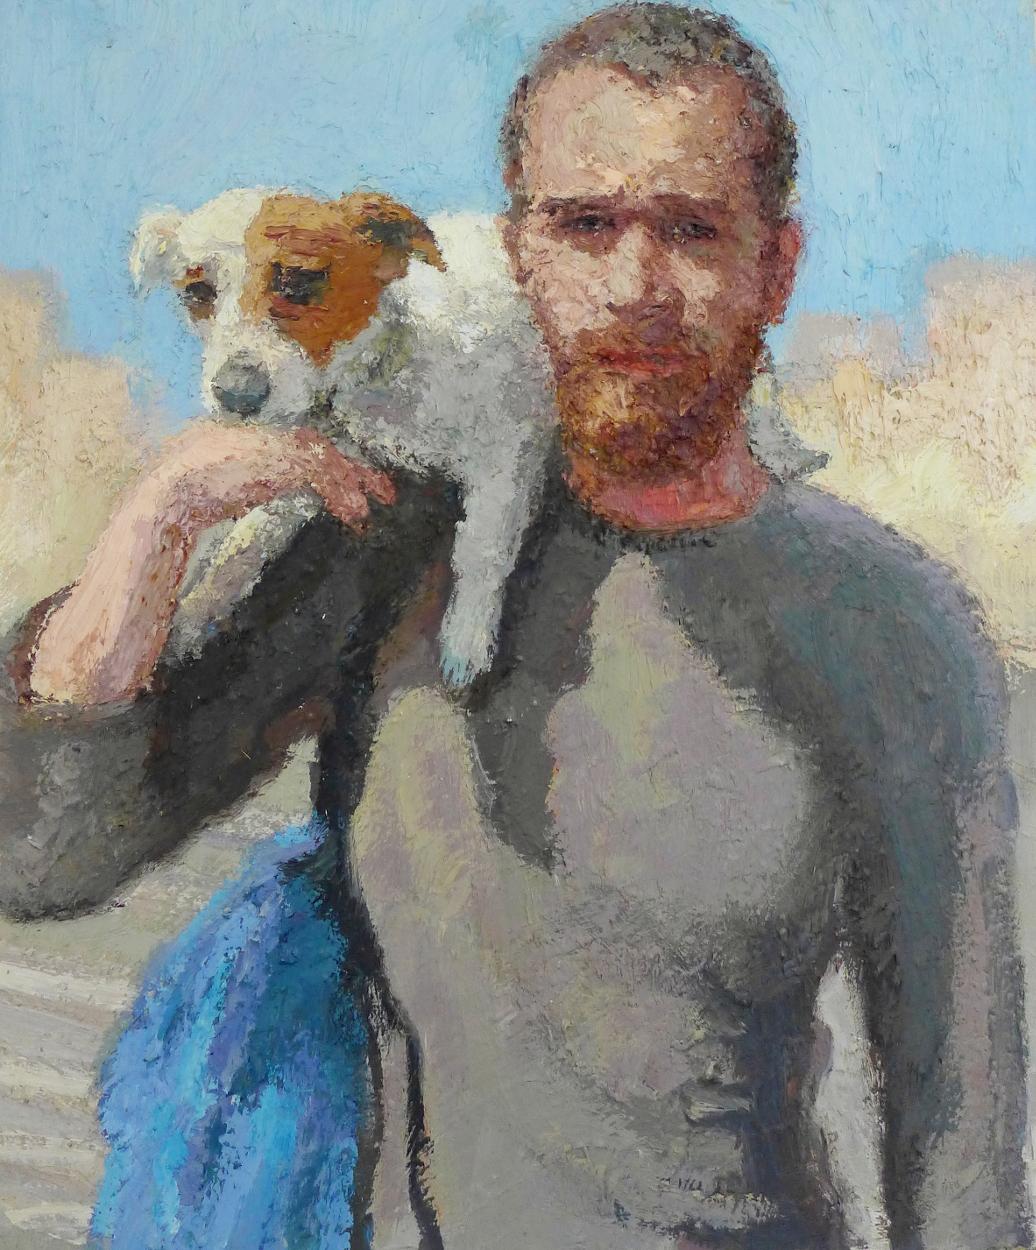 Dror Yisrael Hemed, Friendship, 2015, Oil on canvas, 60 x 50 cm.